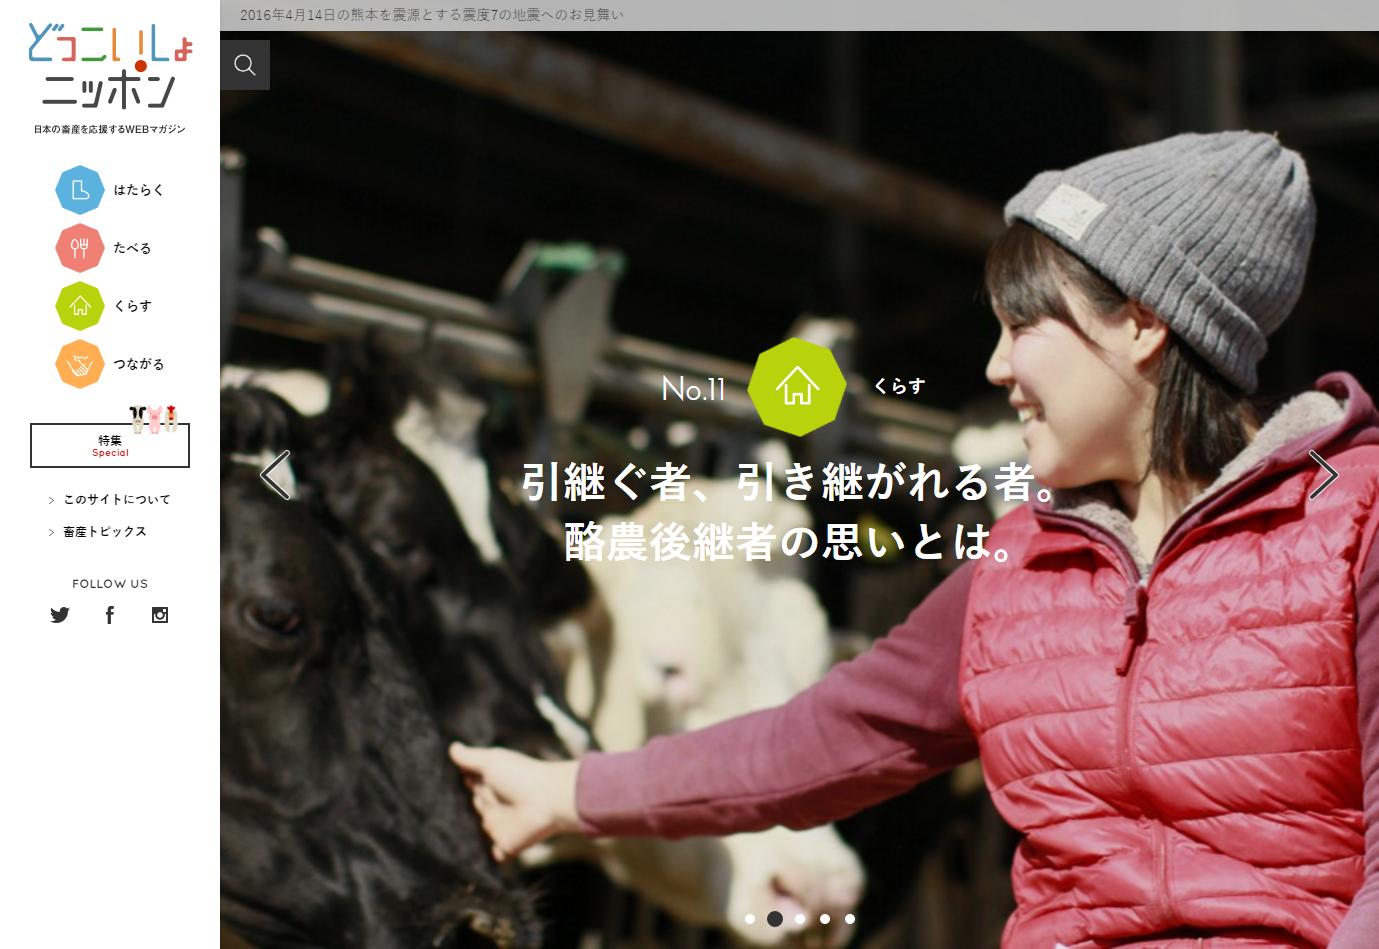 どっこいしょニッポン #固定サイドバー #レスポンシブ #カラフル http://dokkoisyo.jp/